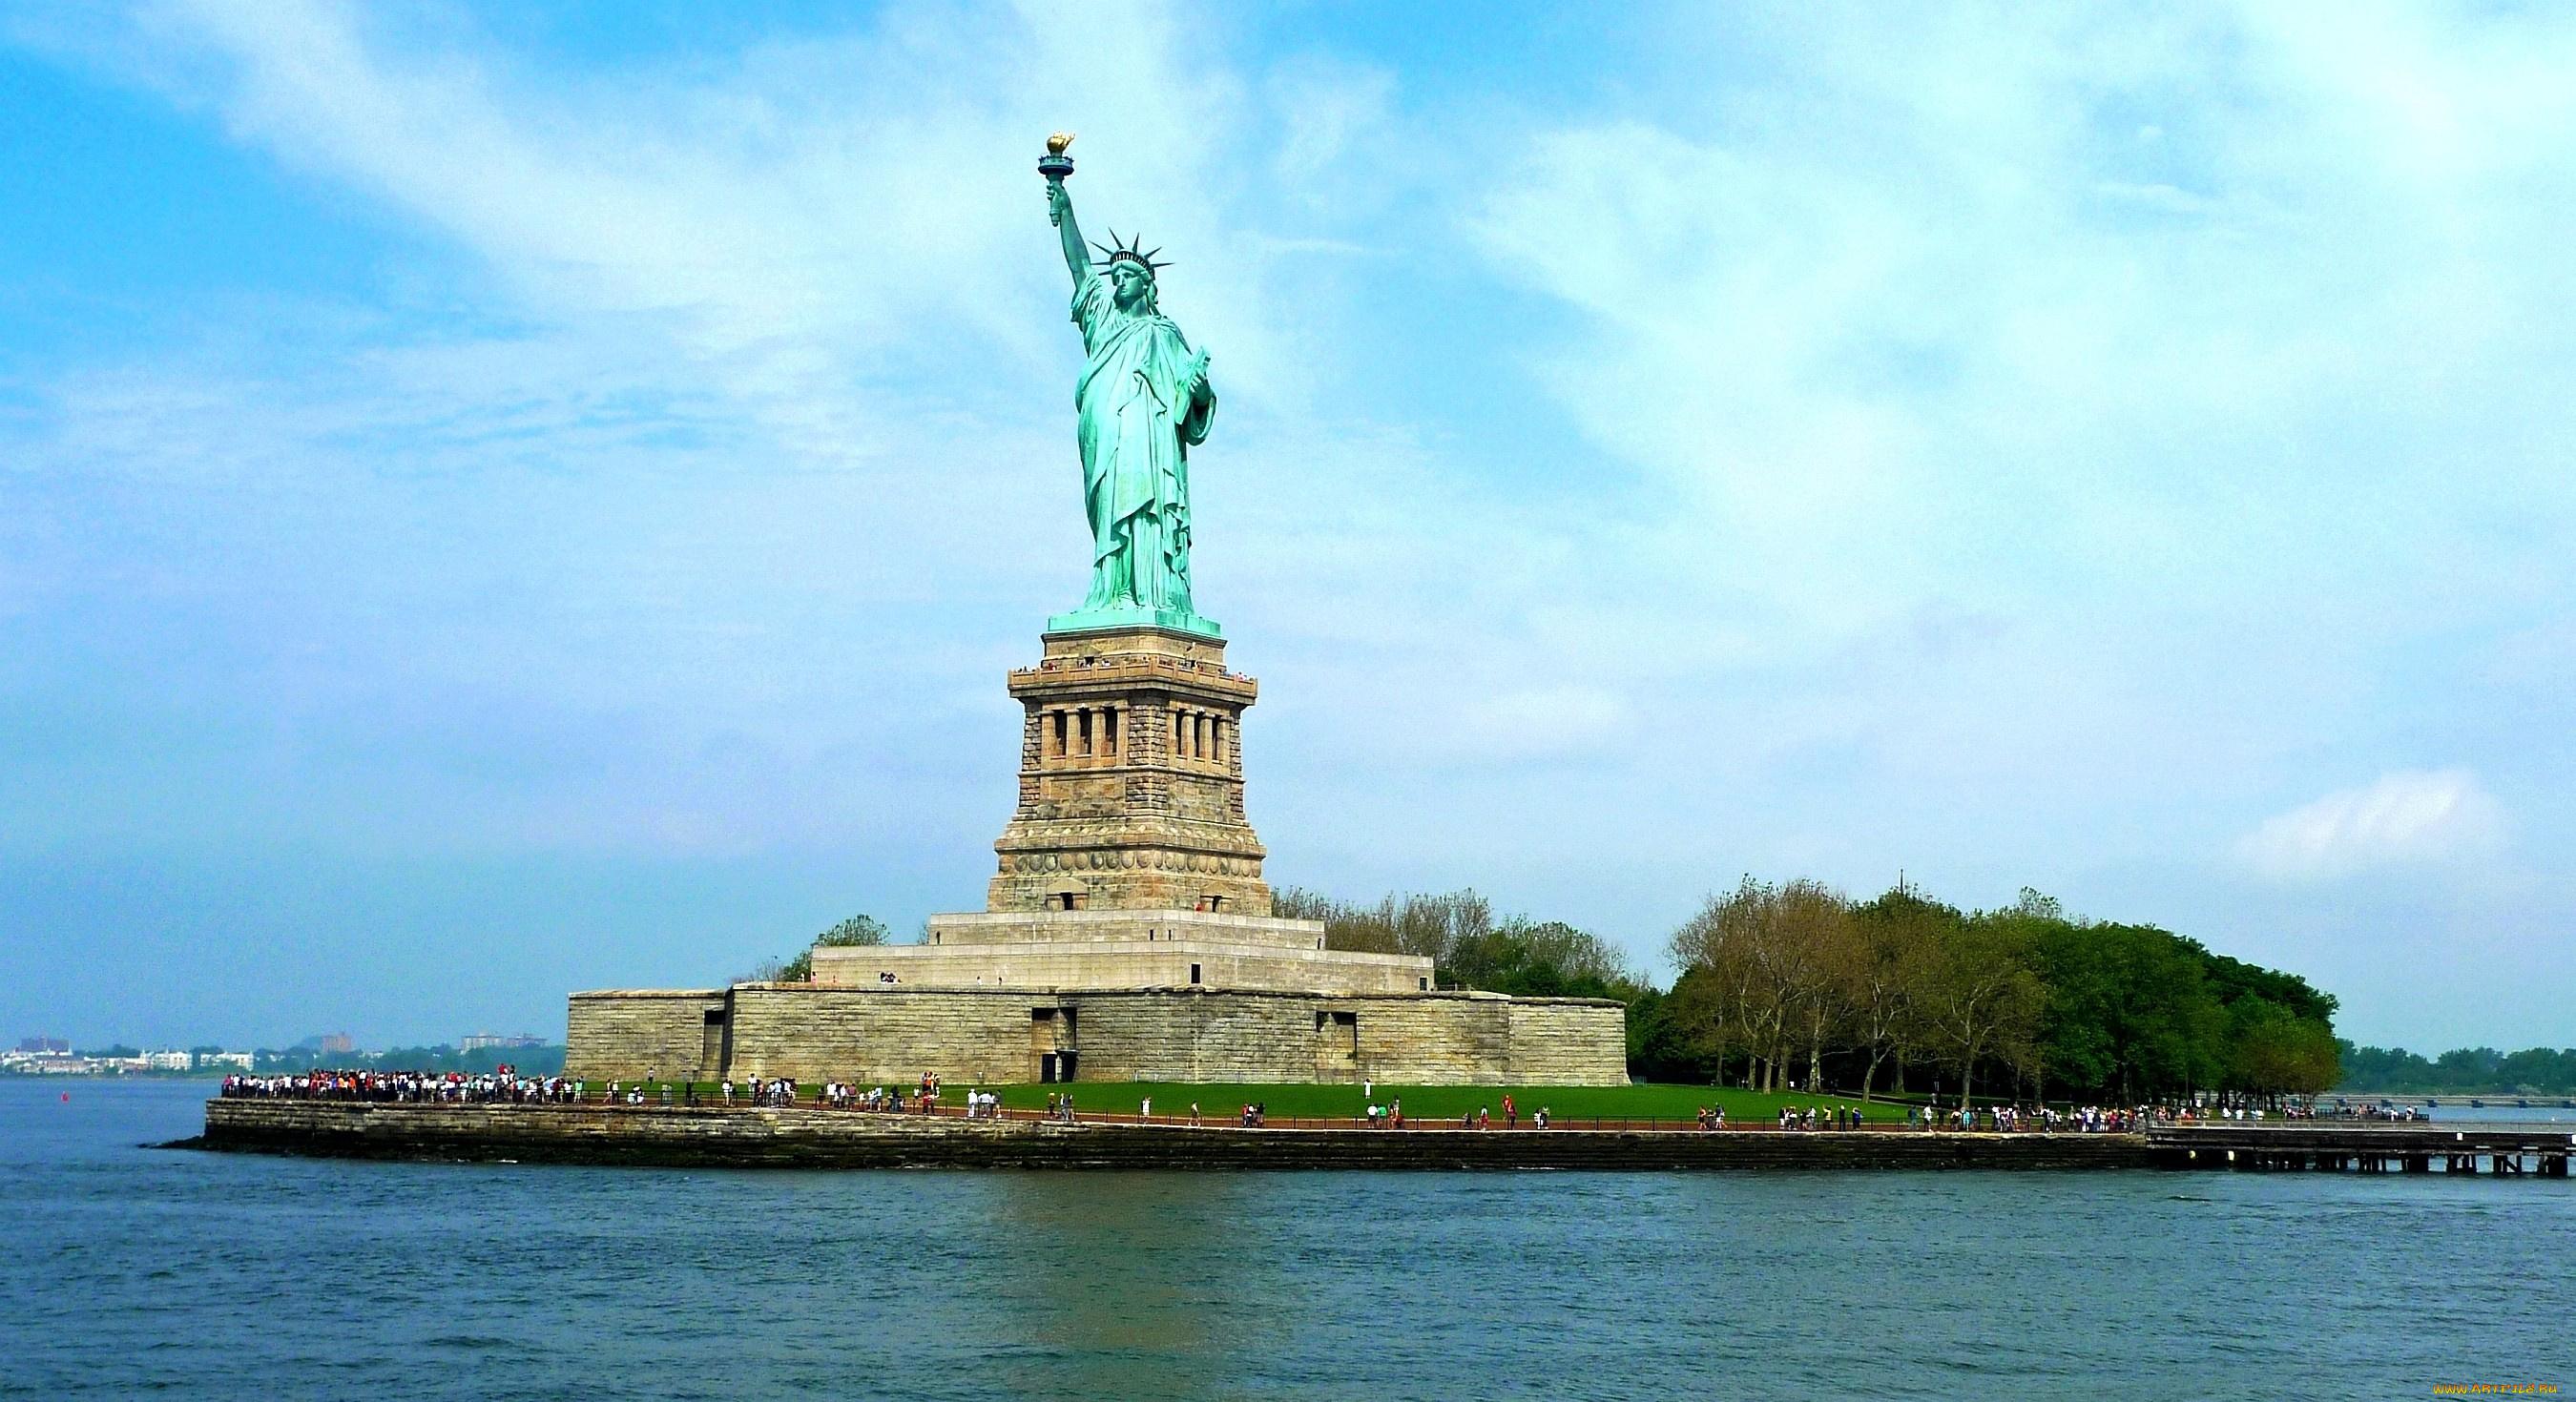 Иллюстраторе, картинки нью йорка статуя свободы